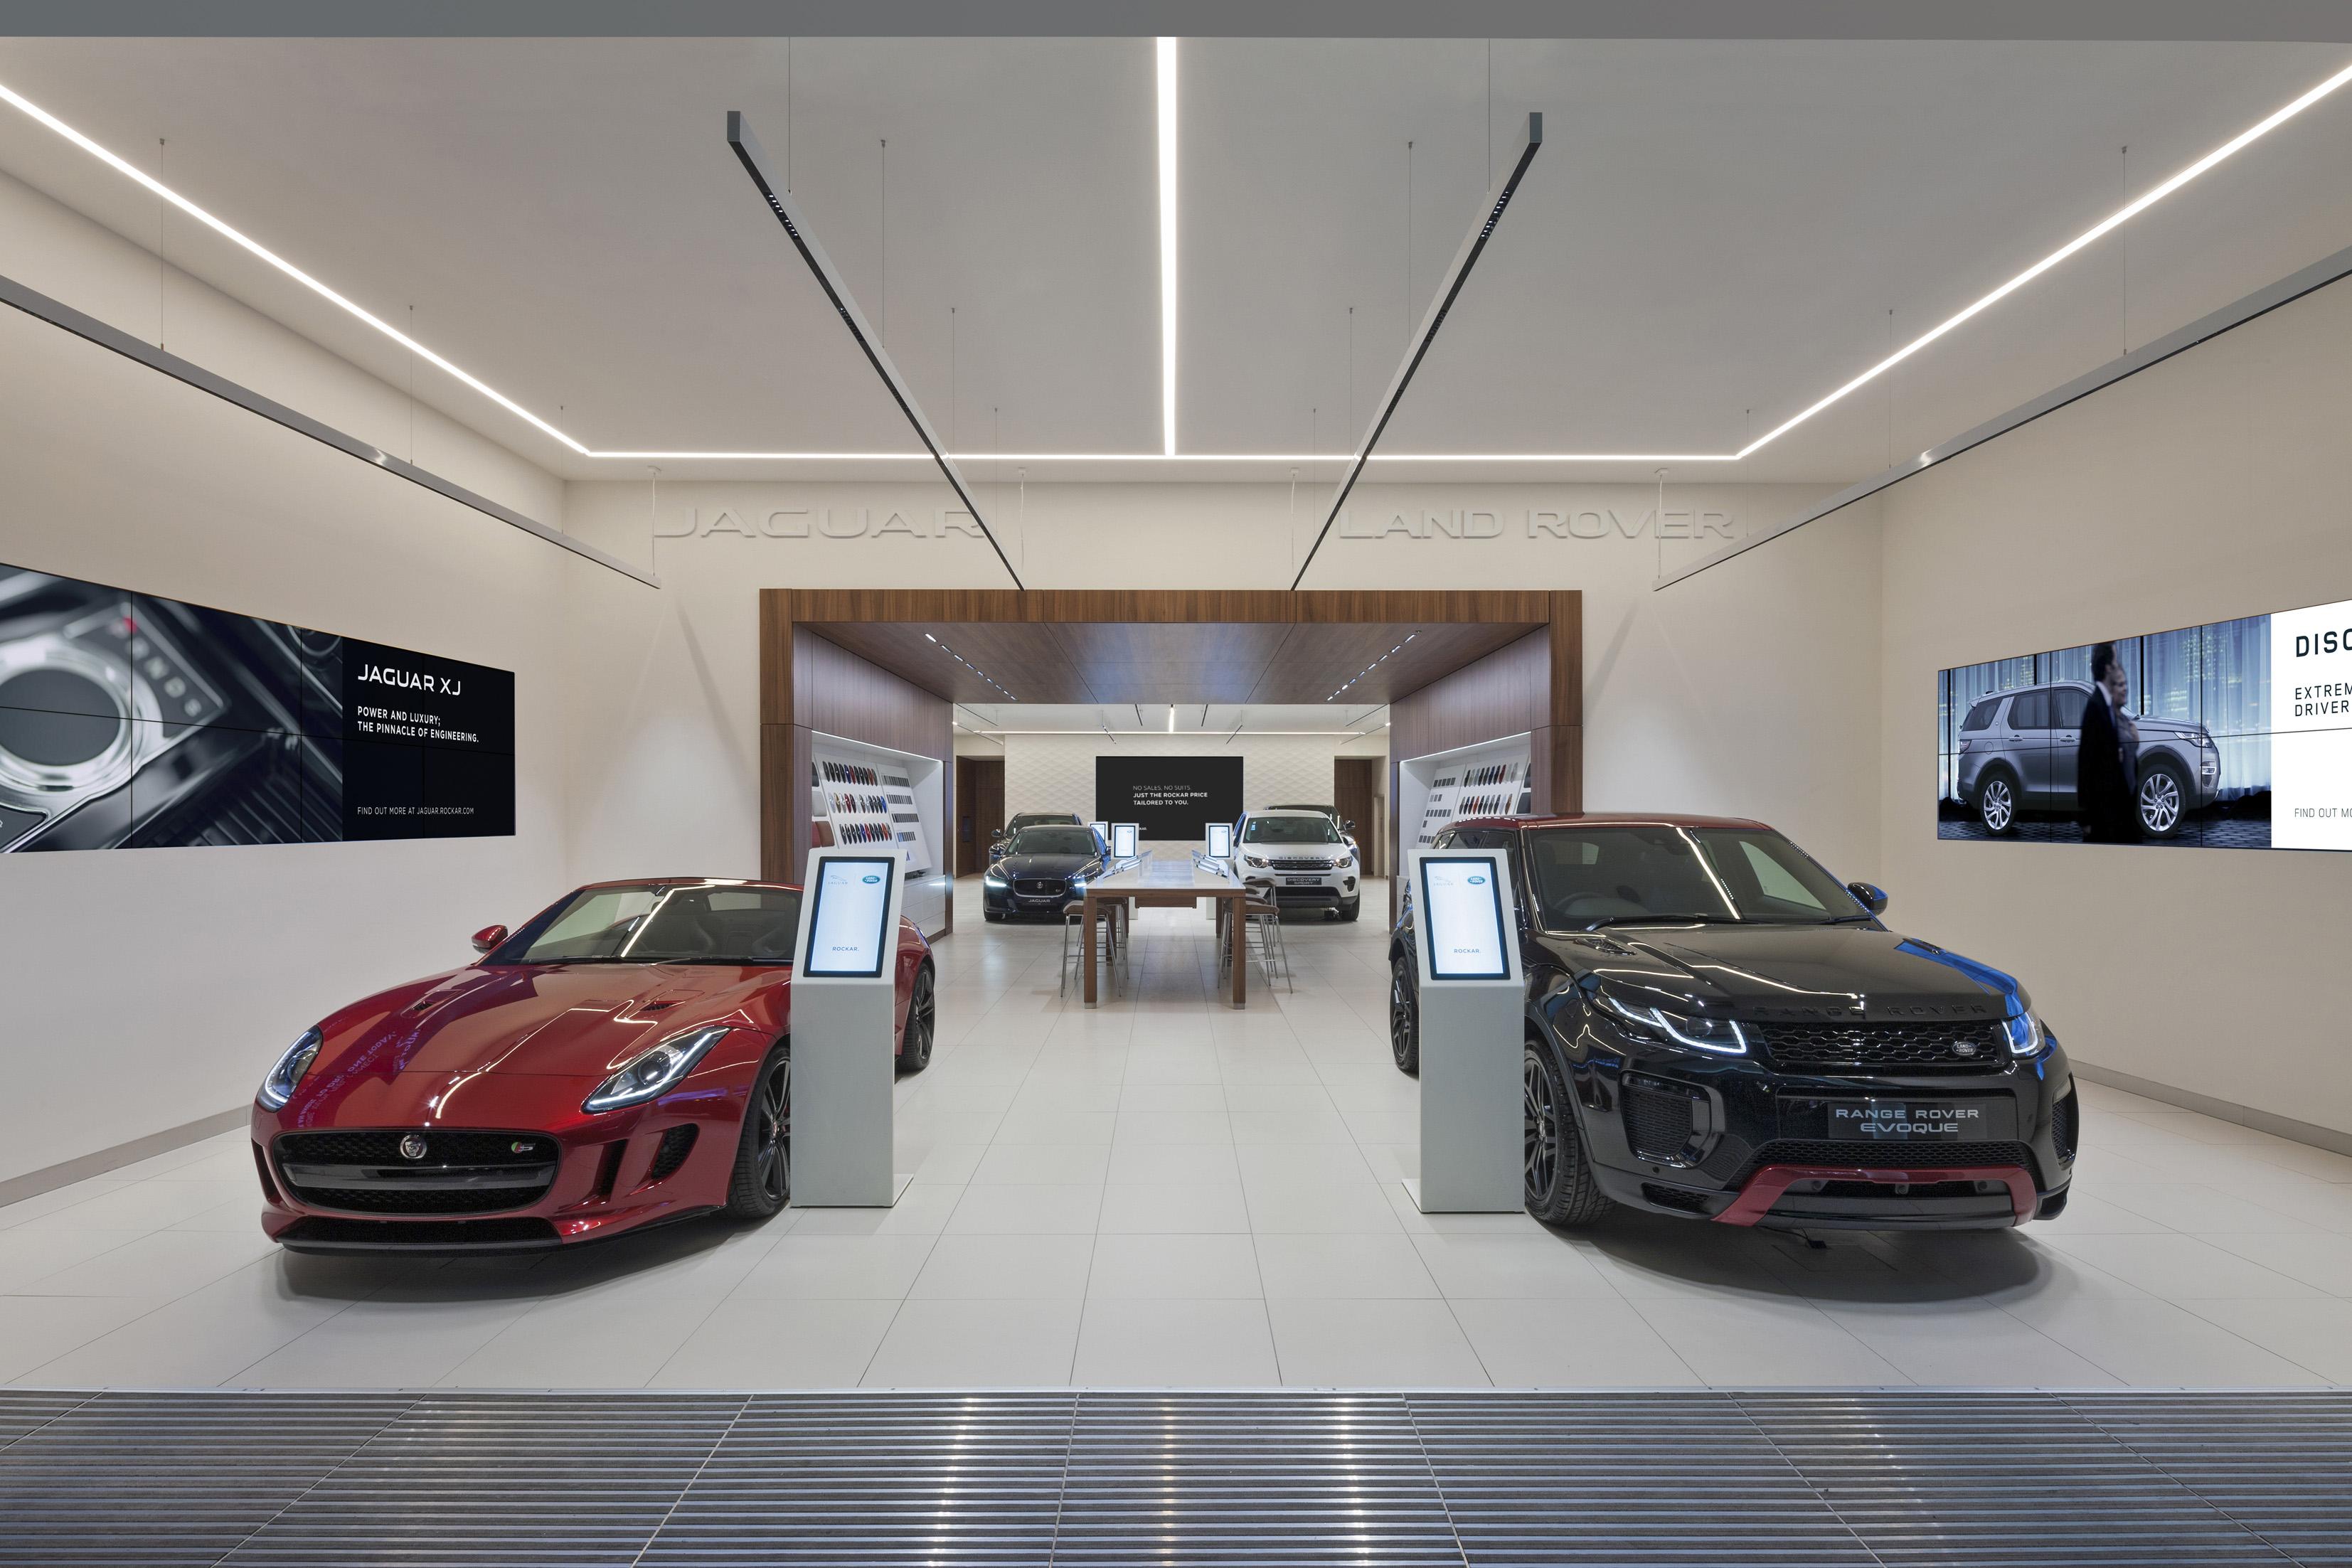 Jaguar Land Rover Launches Shopping Centre Retail Concept